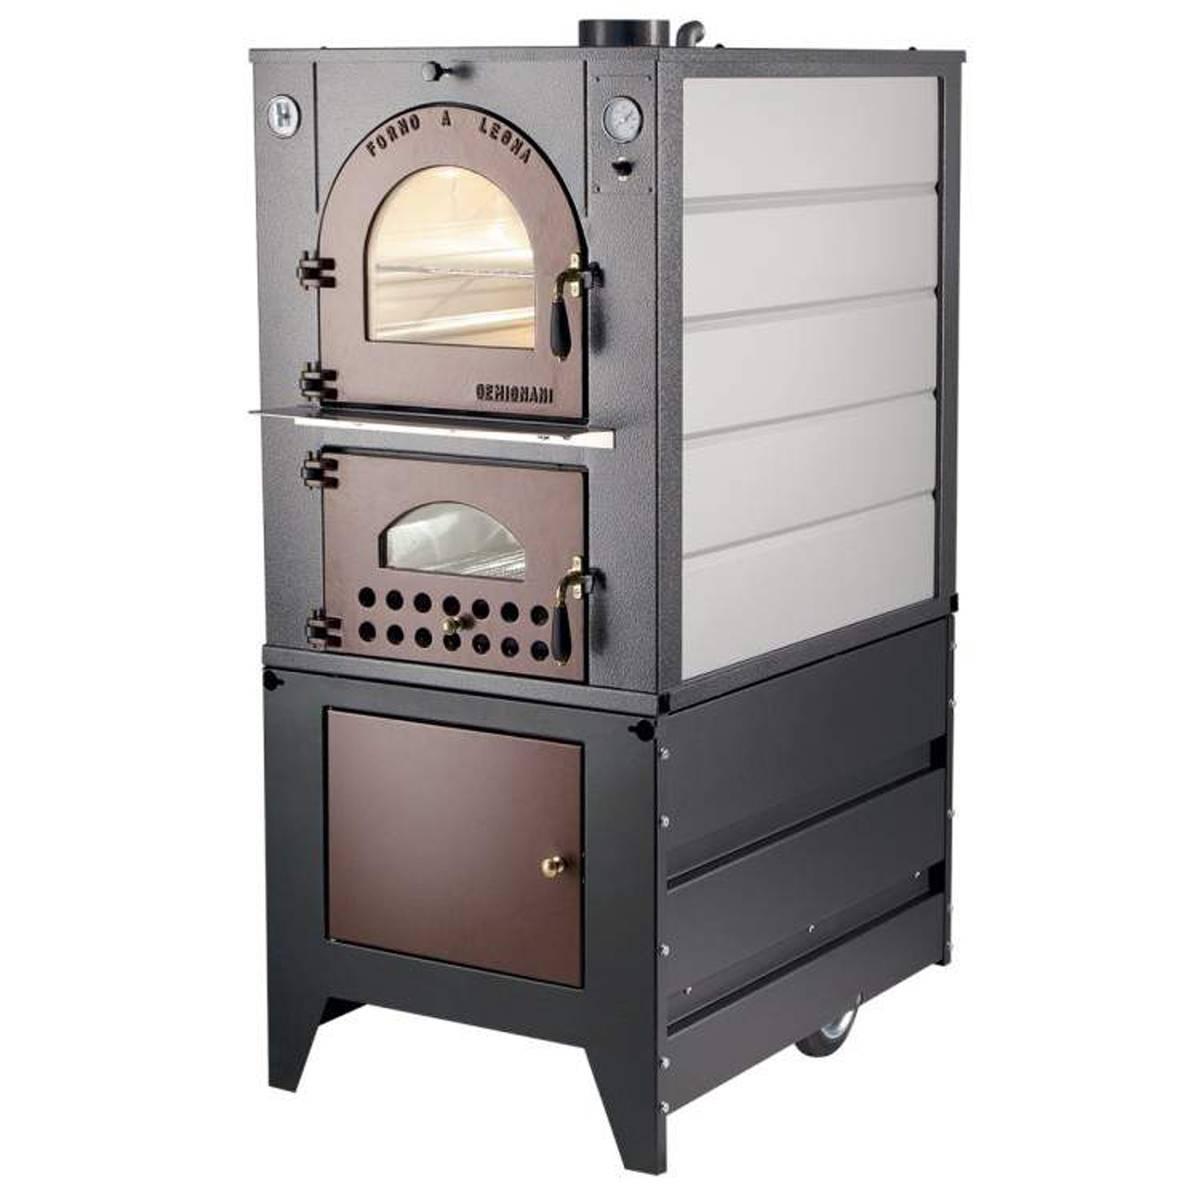 Forno a legna gemignani a fuoco indiretto da interno o incasso mod g90 quaranta store - Forno a incasso a gas ...